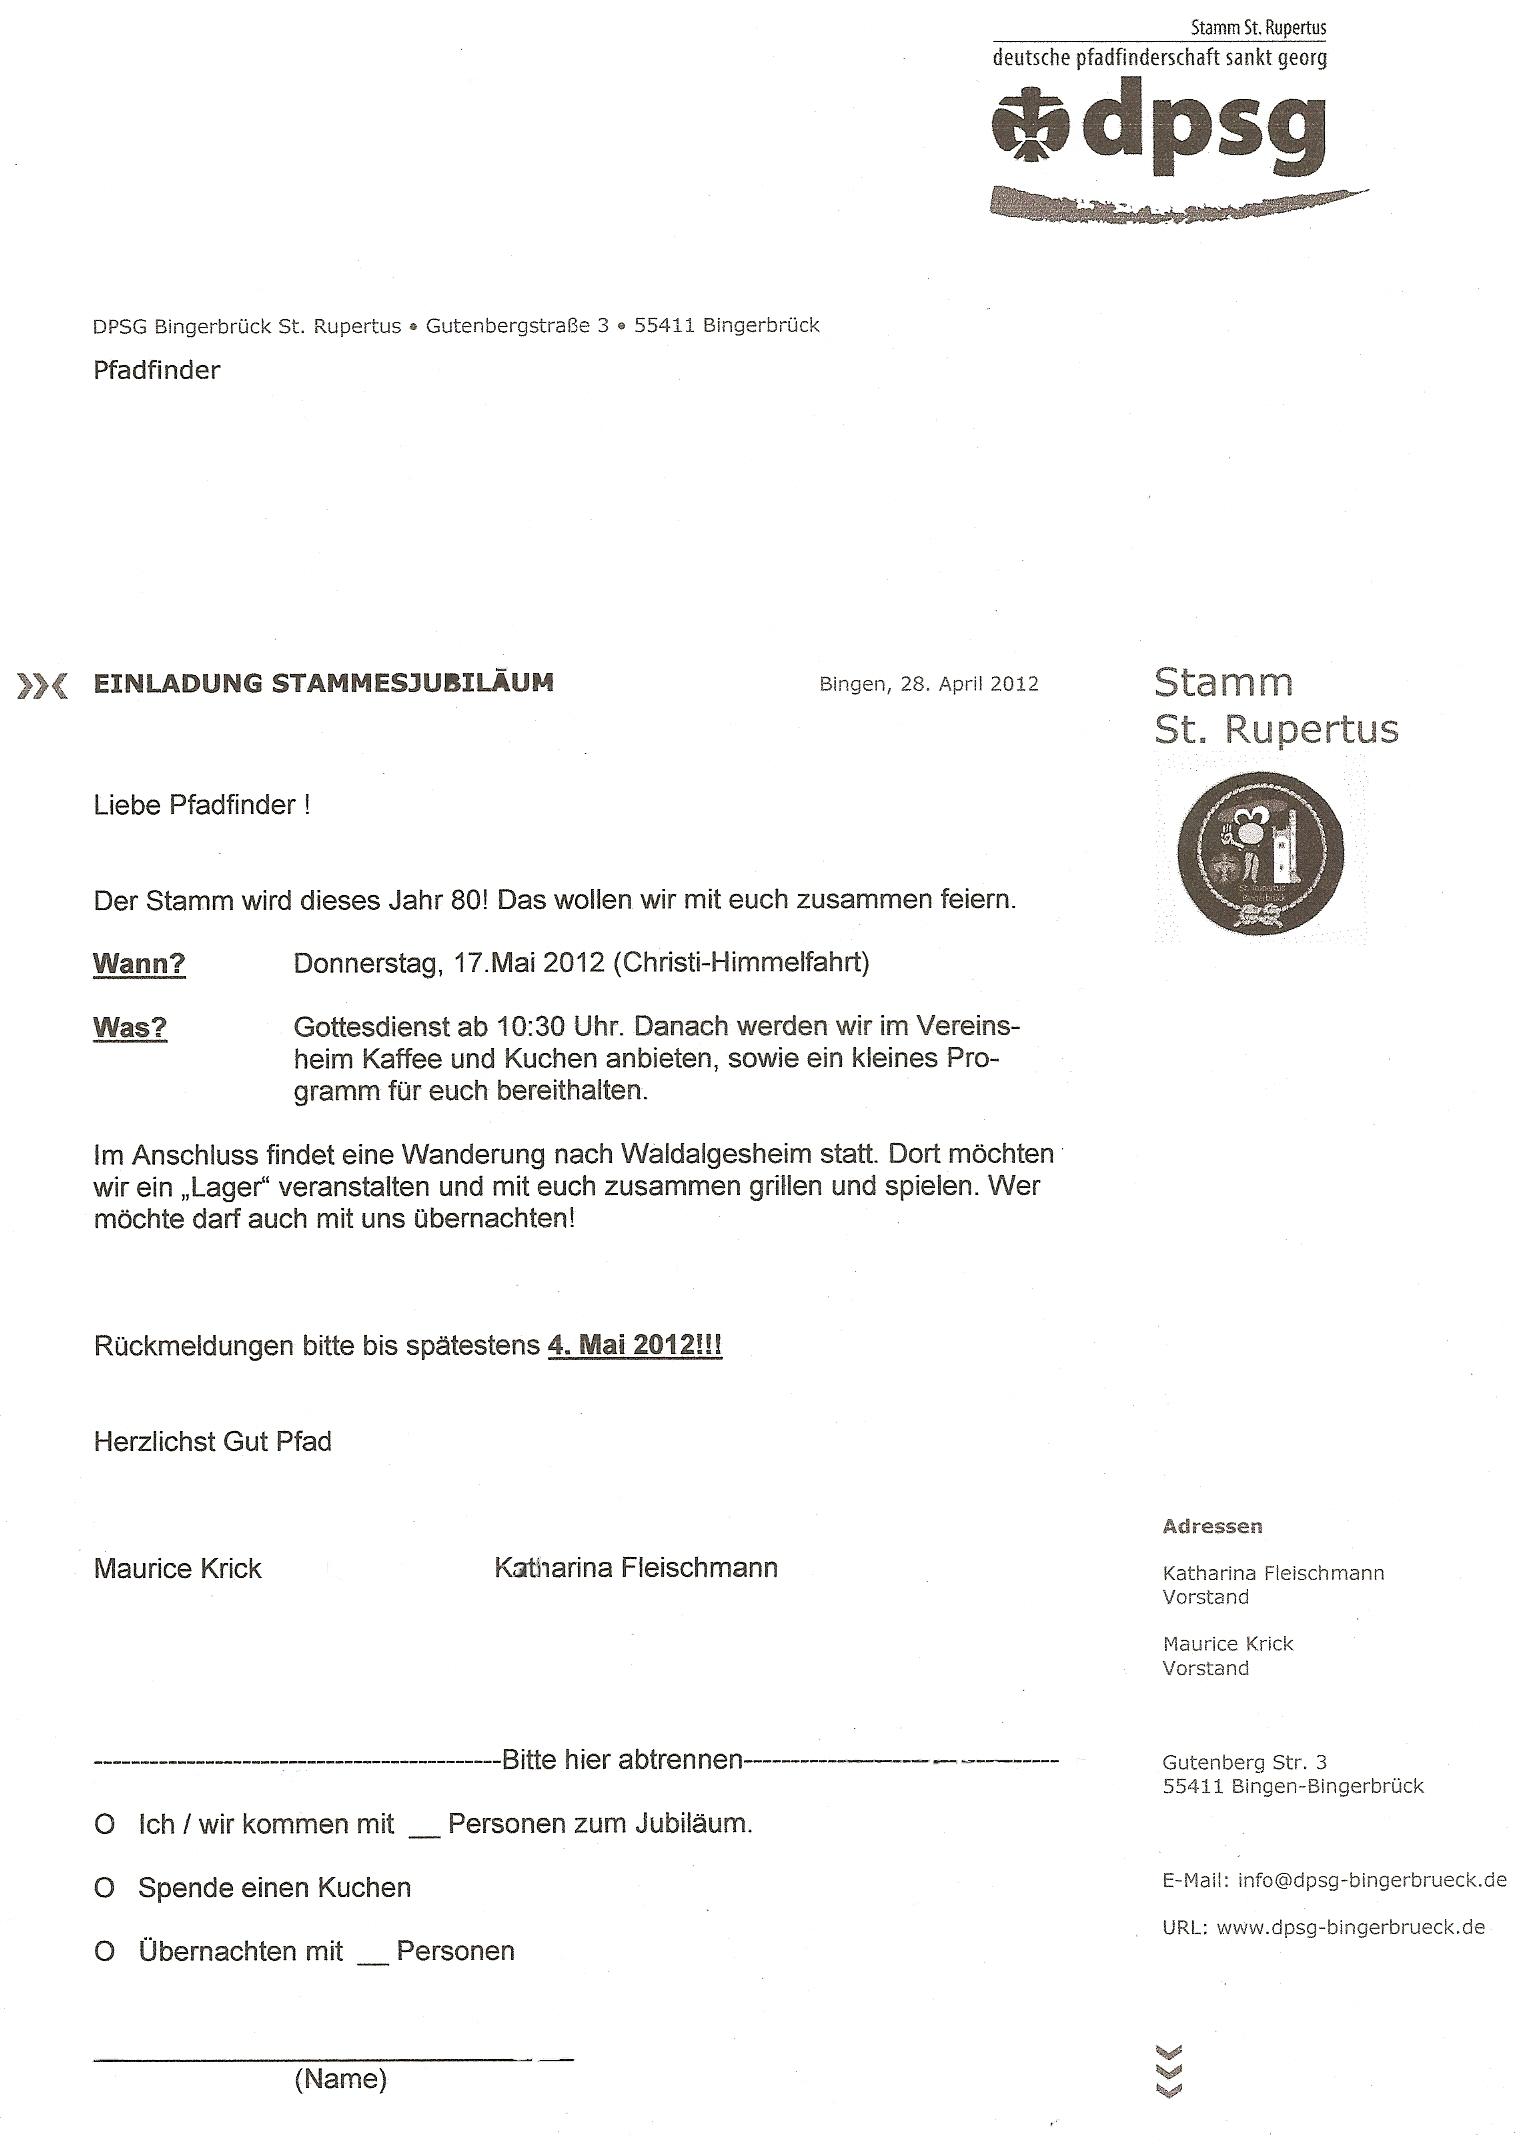 einladung zur 80-jahres-feier | pfadfinder stamm st. rupertus, Einladung